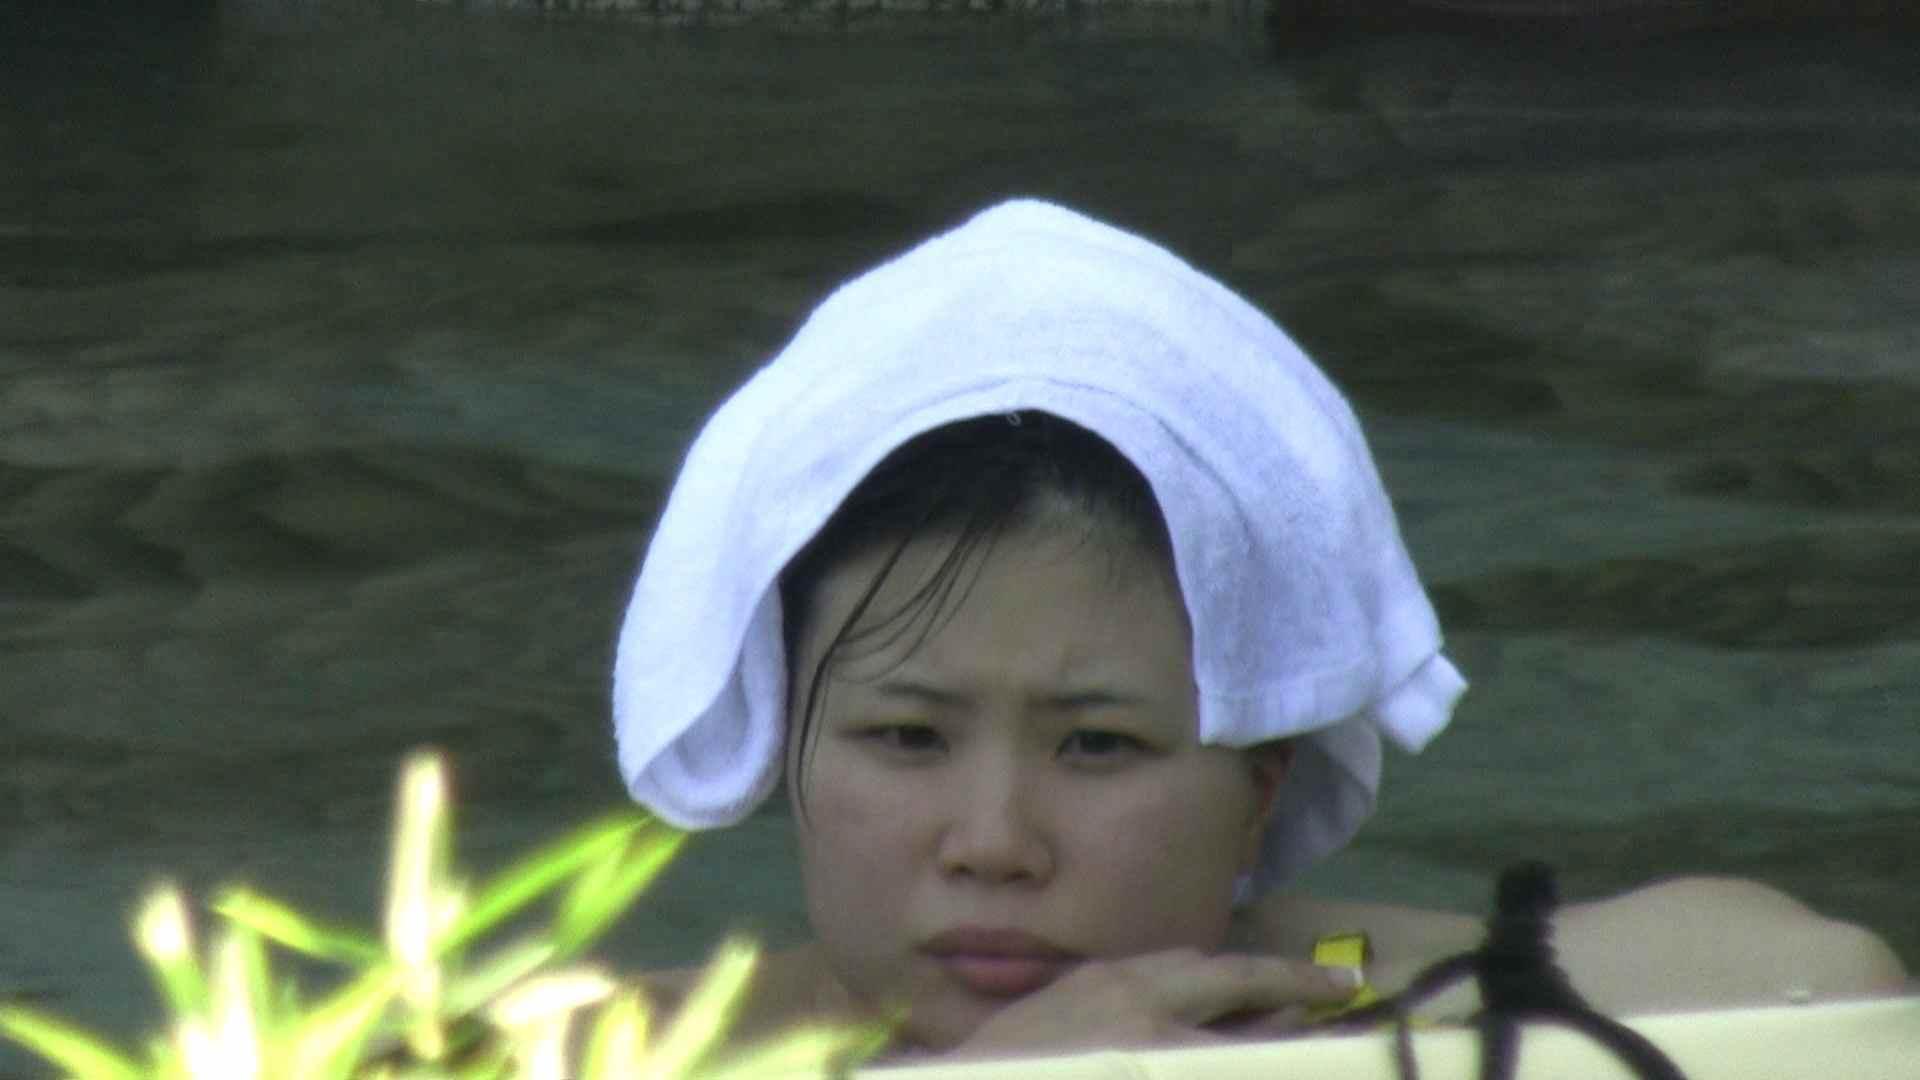 Aquaな露天風呂Vol.183 盗撮  69画像 33